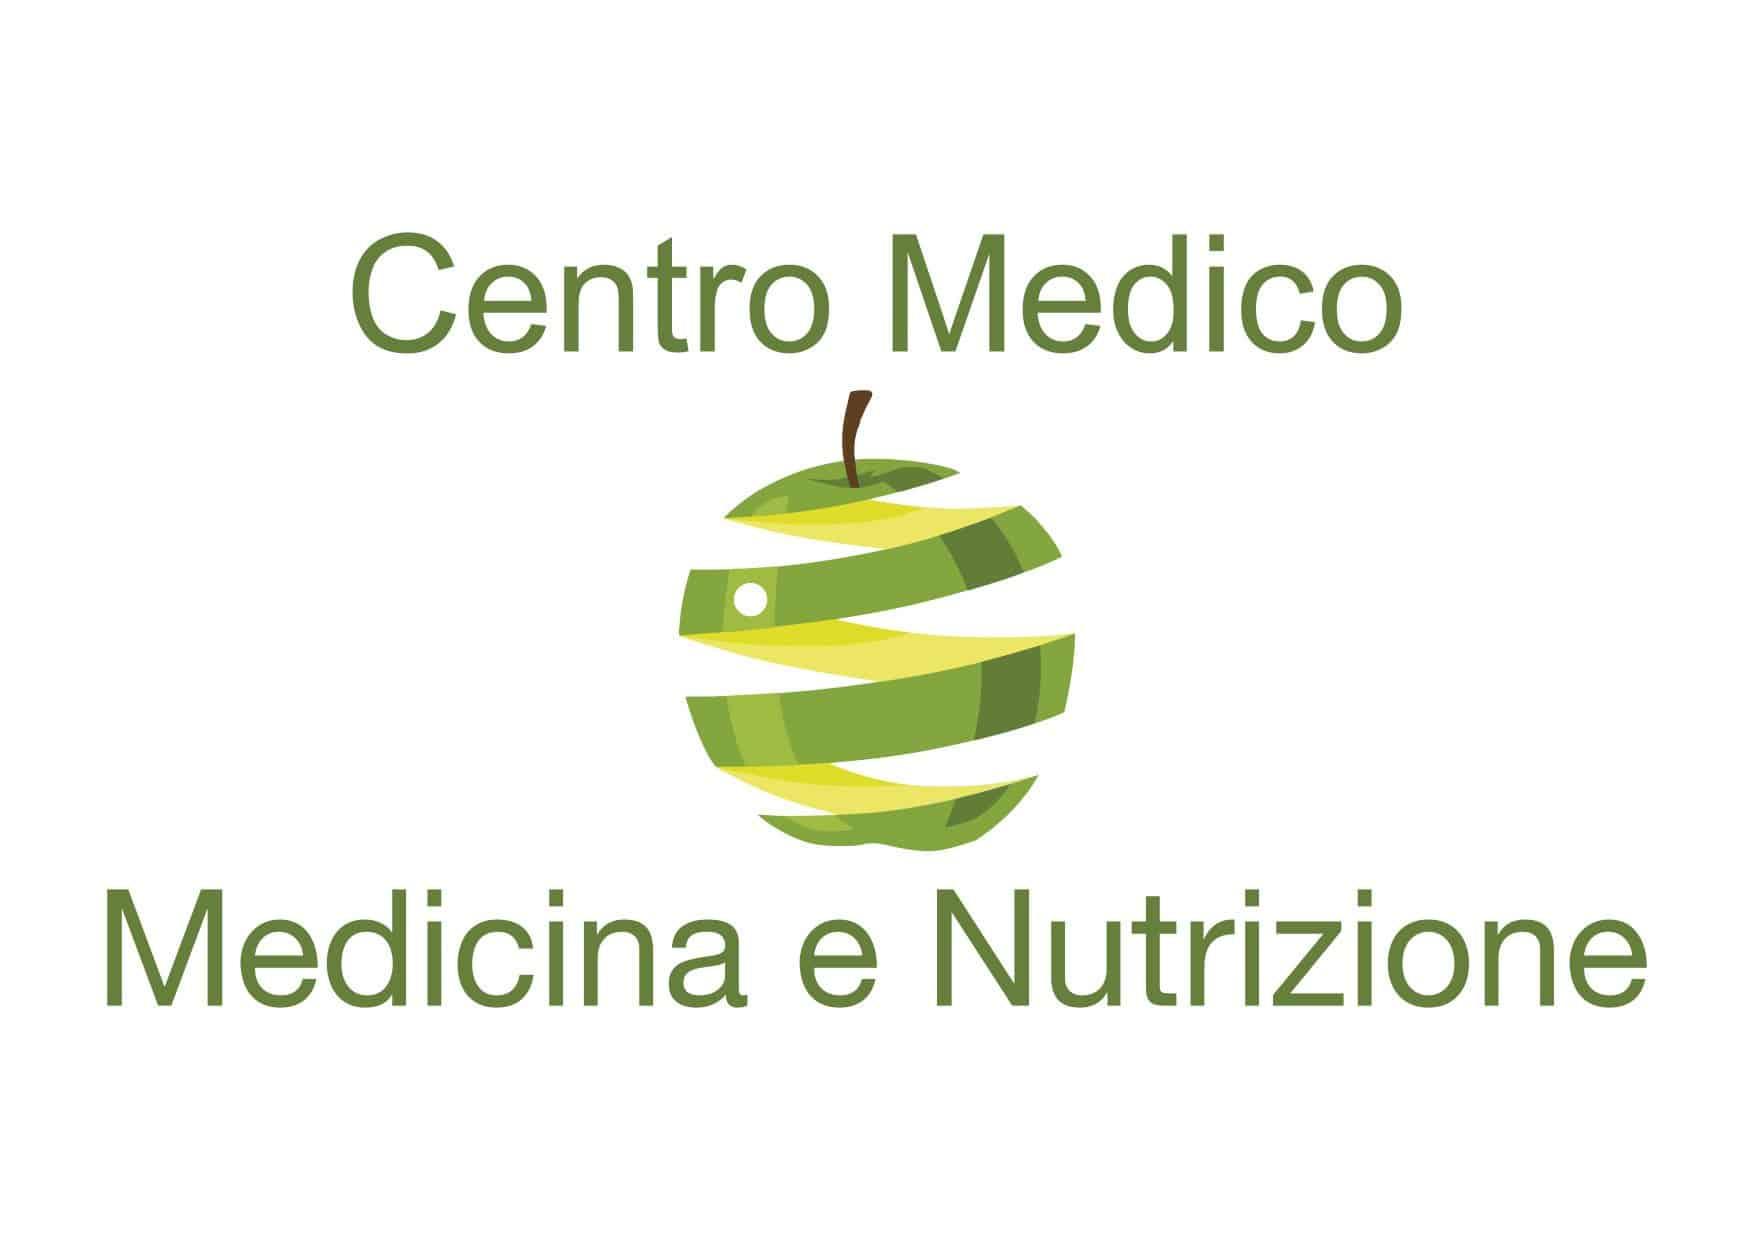 centro medico Medicina e Nutrizione